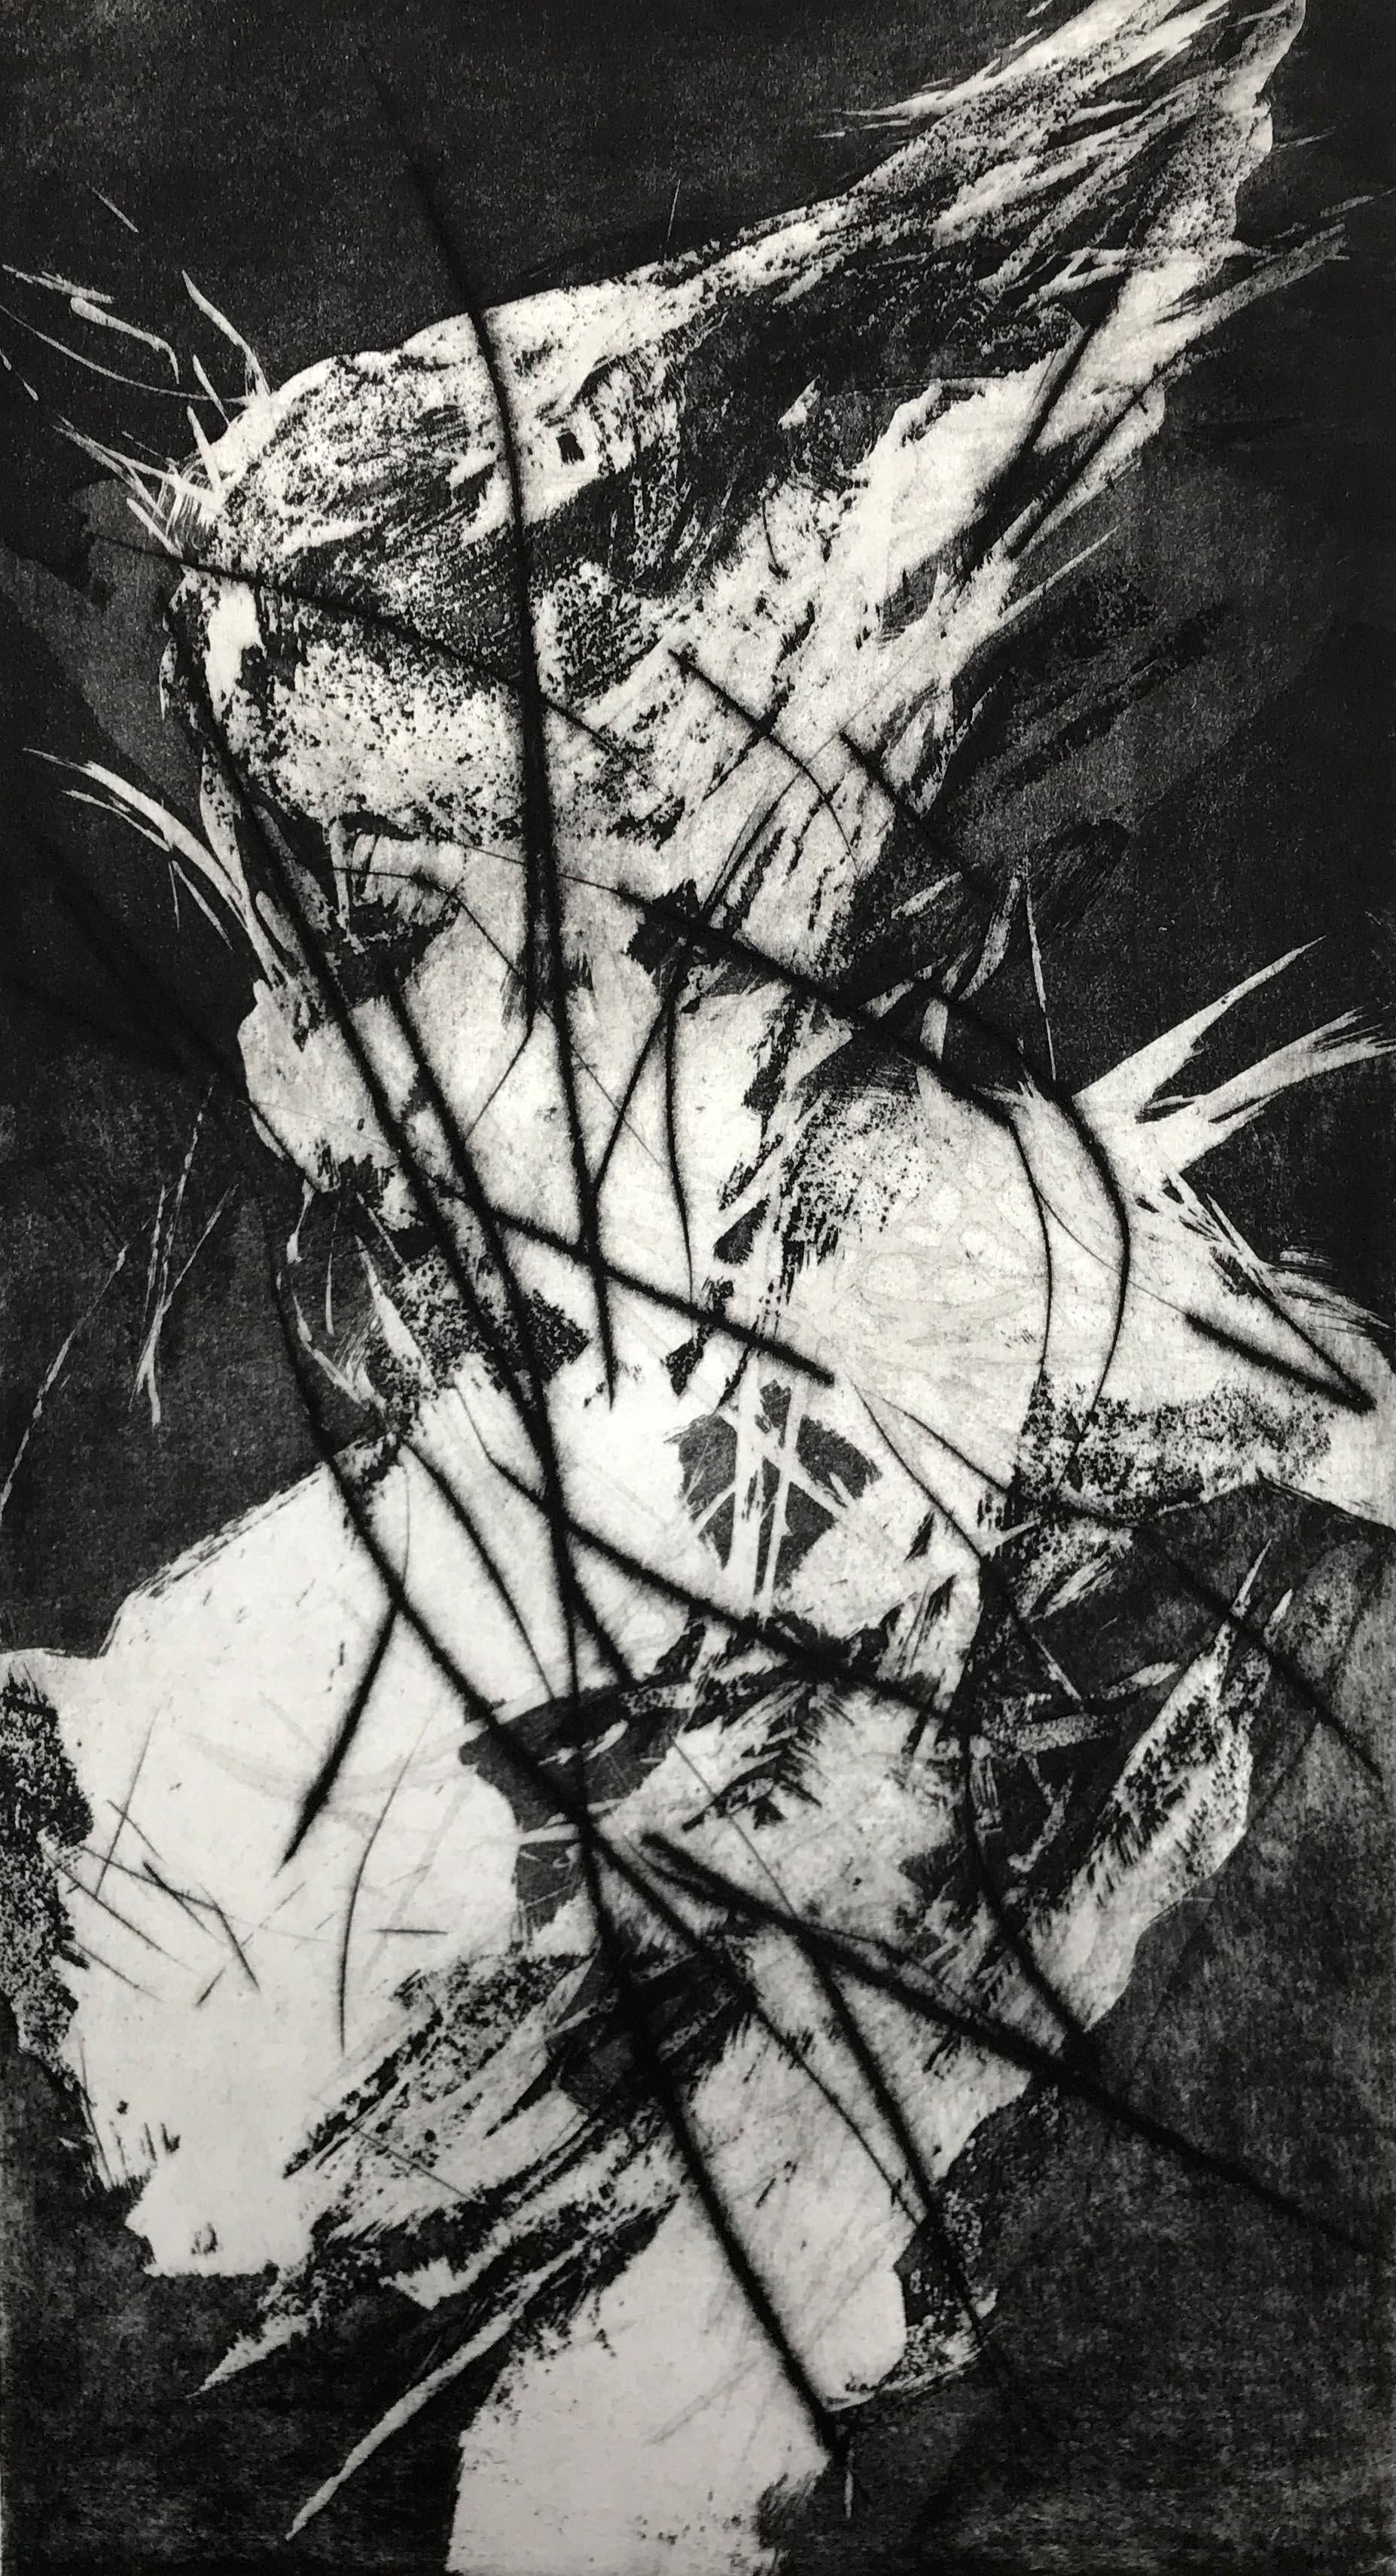 Kerstin Franke-Gneuß, Spirit, 2015, Radierung, 55 x 30 cm